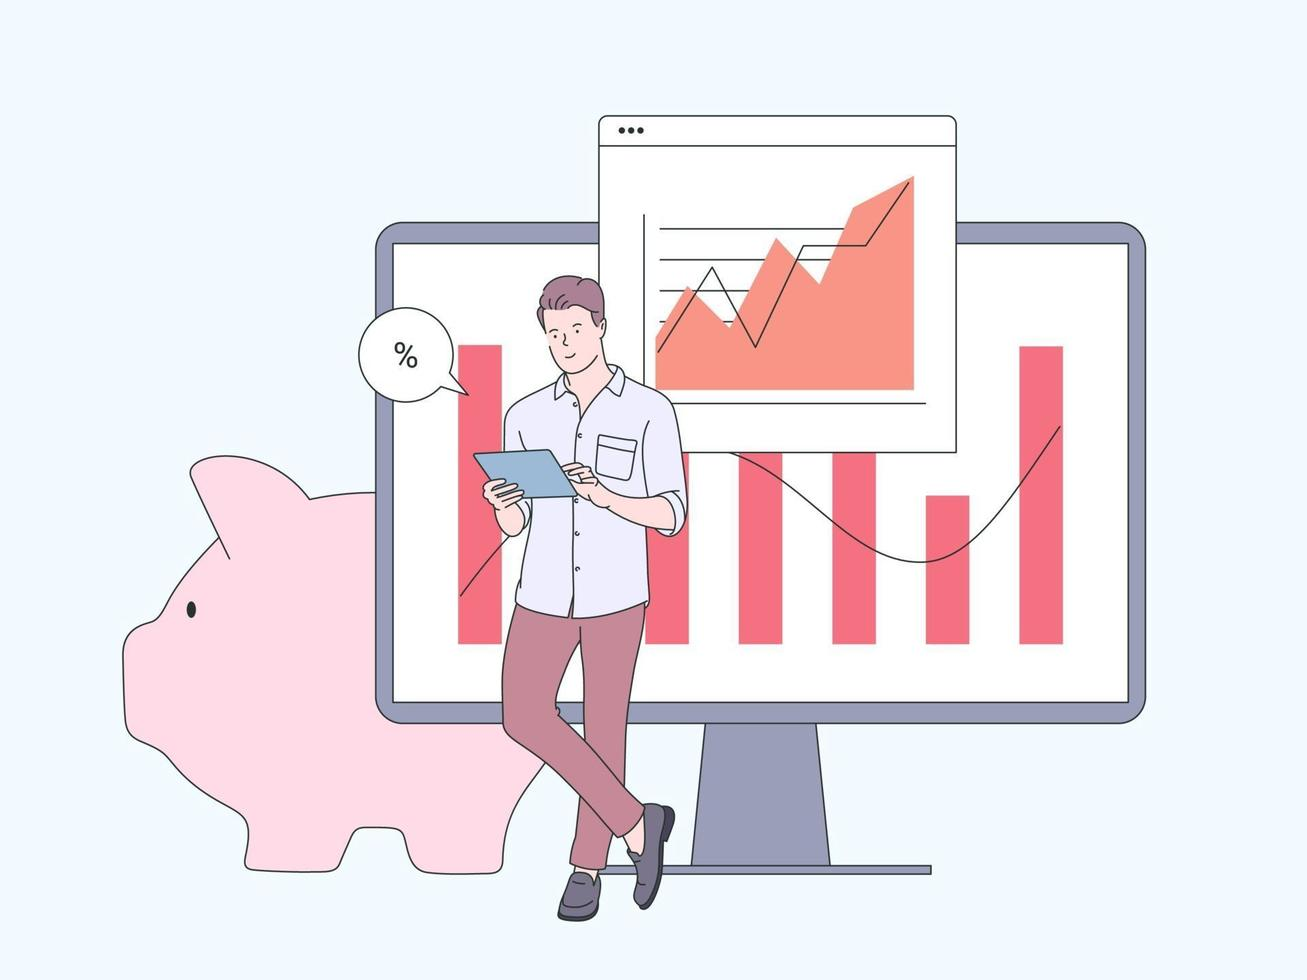 finanças, conceito de análise de dados de marketing. empresário trabalhador cartoon personagem analisando dados financeiros. ilustração vetorial plana vetor